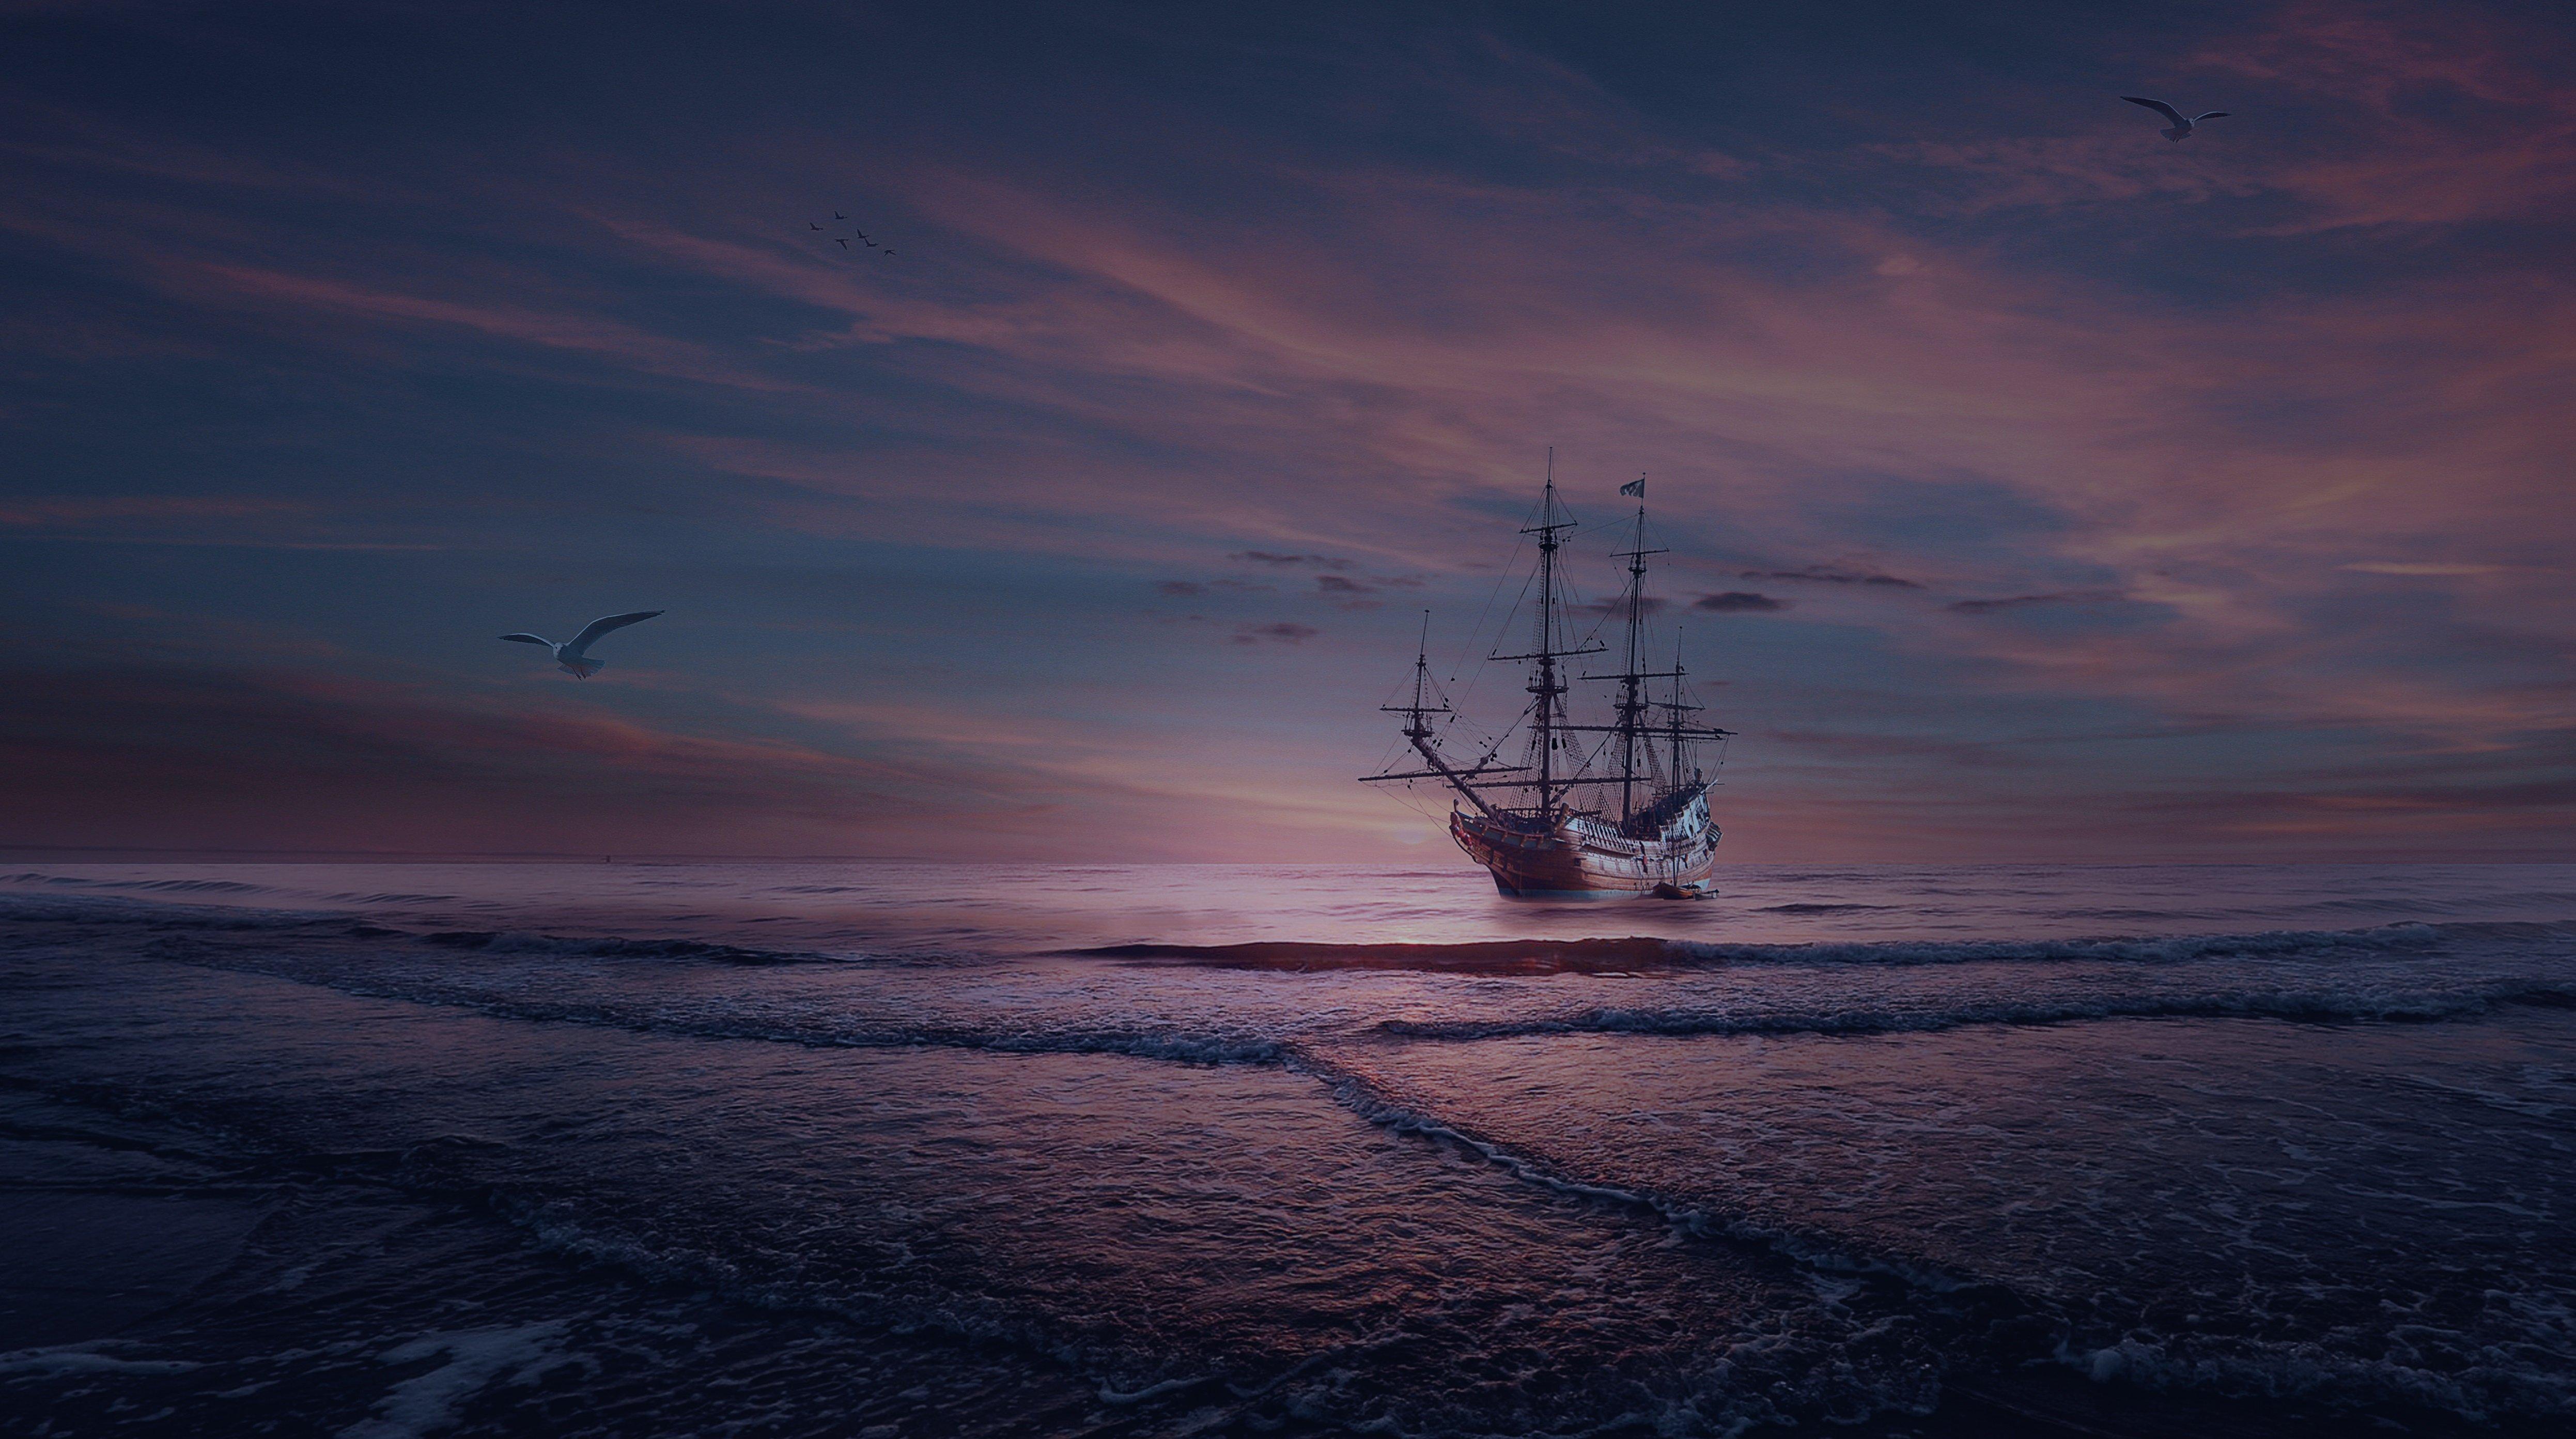 фрегат, облака, море, закат, Sergii Vidov